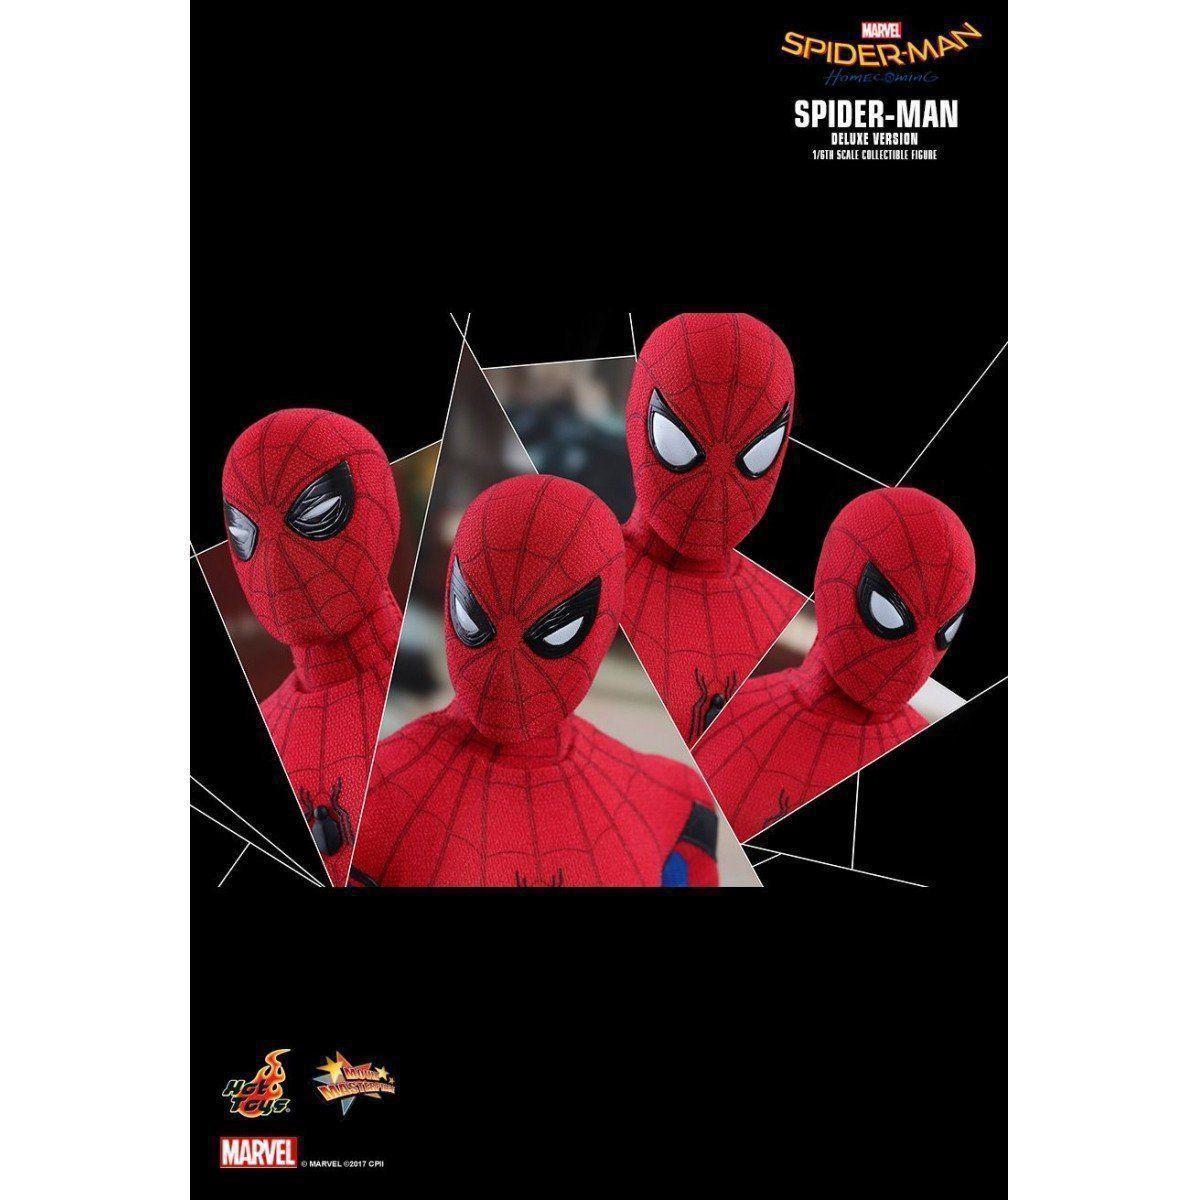 PRÉ VENDA: Boneco Homem-Aranha (Spider-Man): Homem-Aranha De Volta ao Lar (Spider-Man Homecoming) Deluxe Version Escala 1/6 - Hot Toys